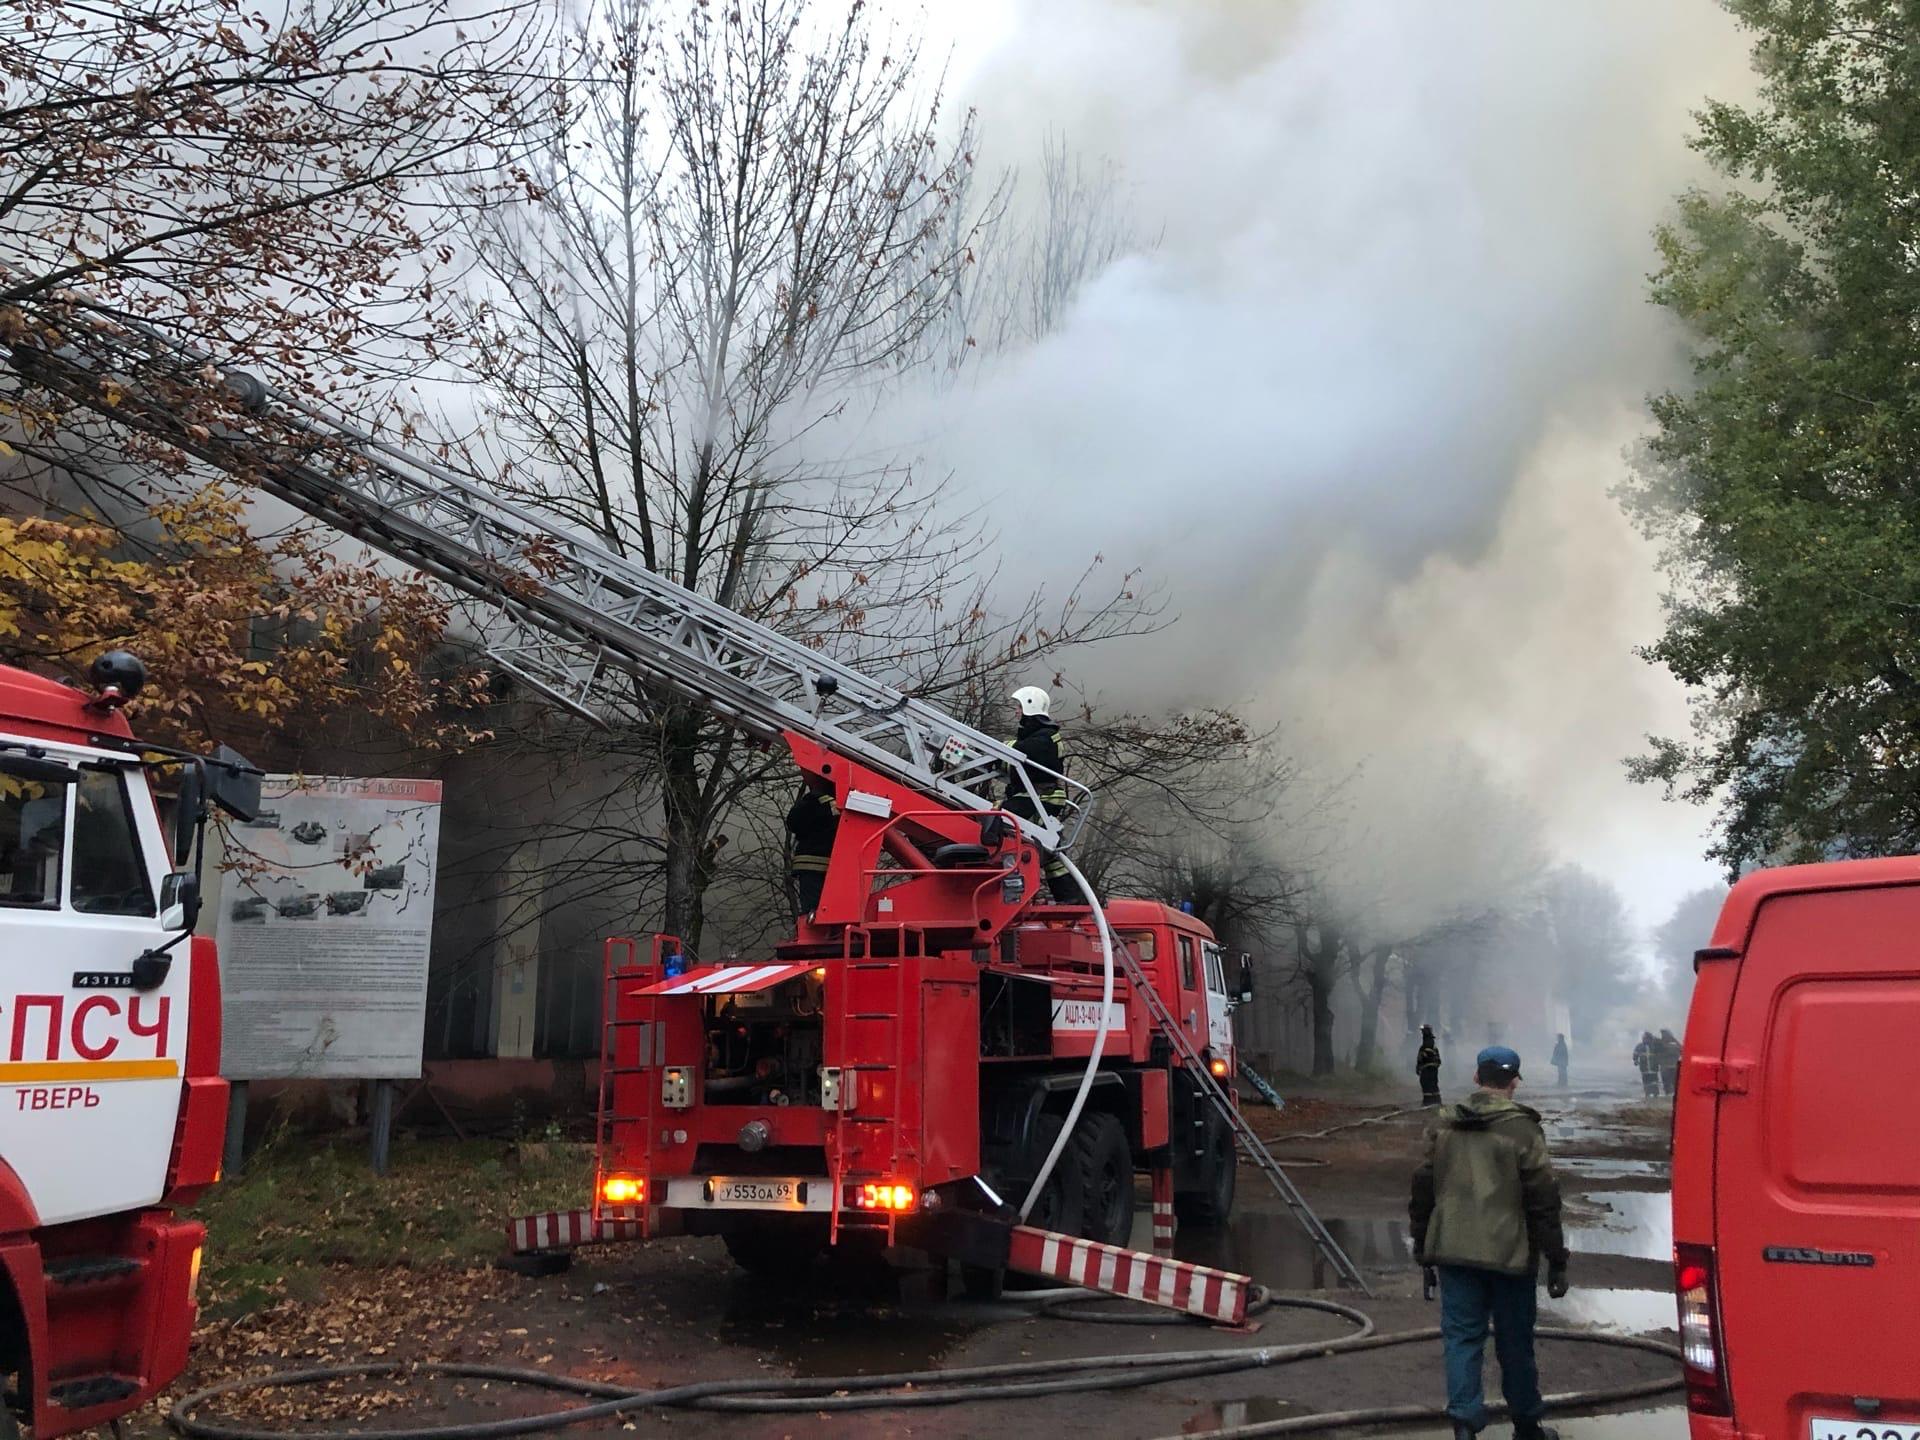 Сильнейший пожар охватил промышленные здания в Заволжском районе Твери